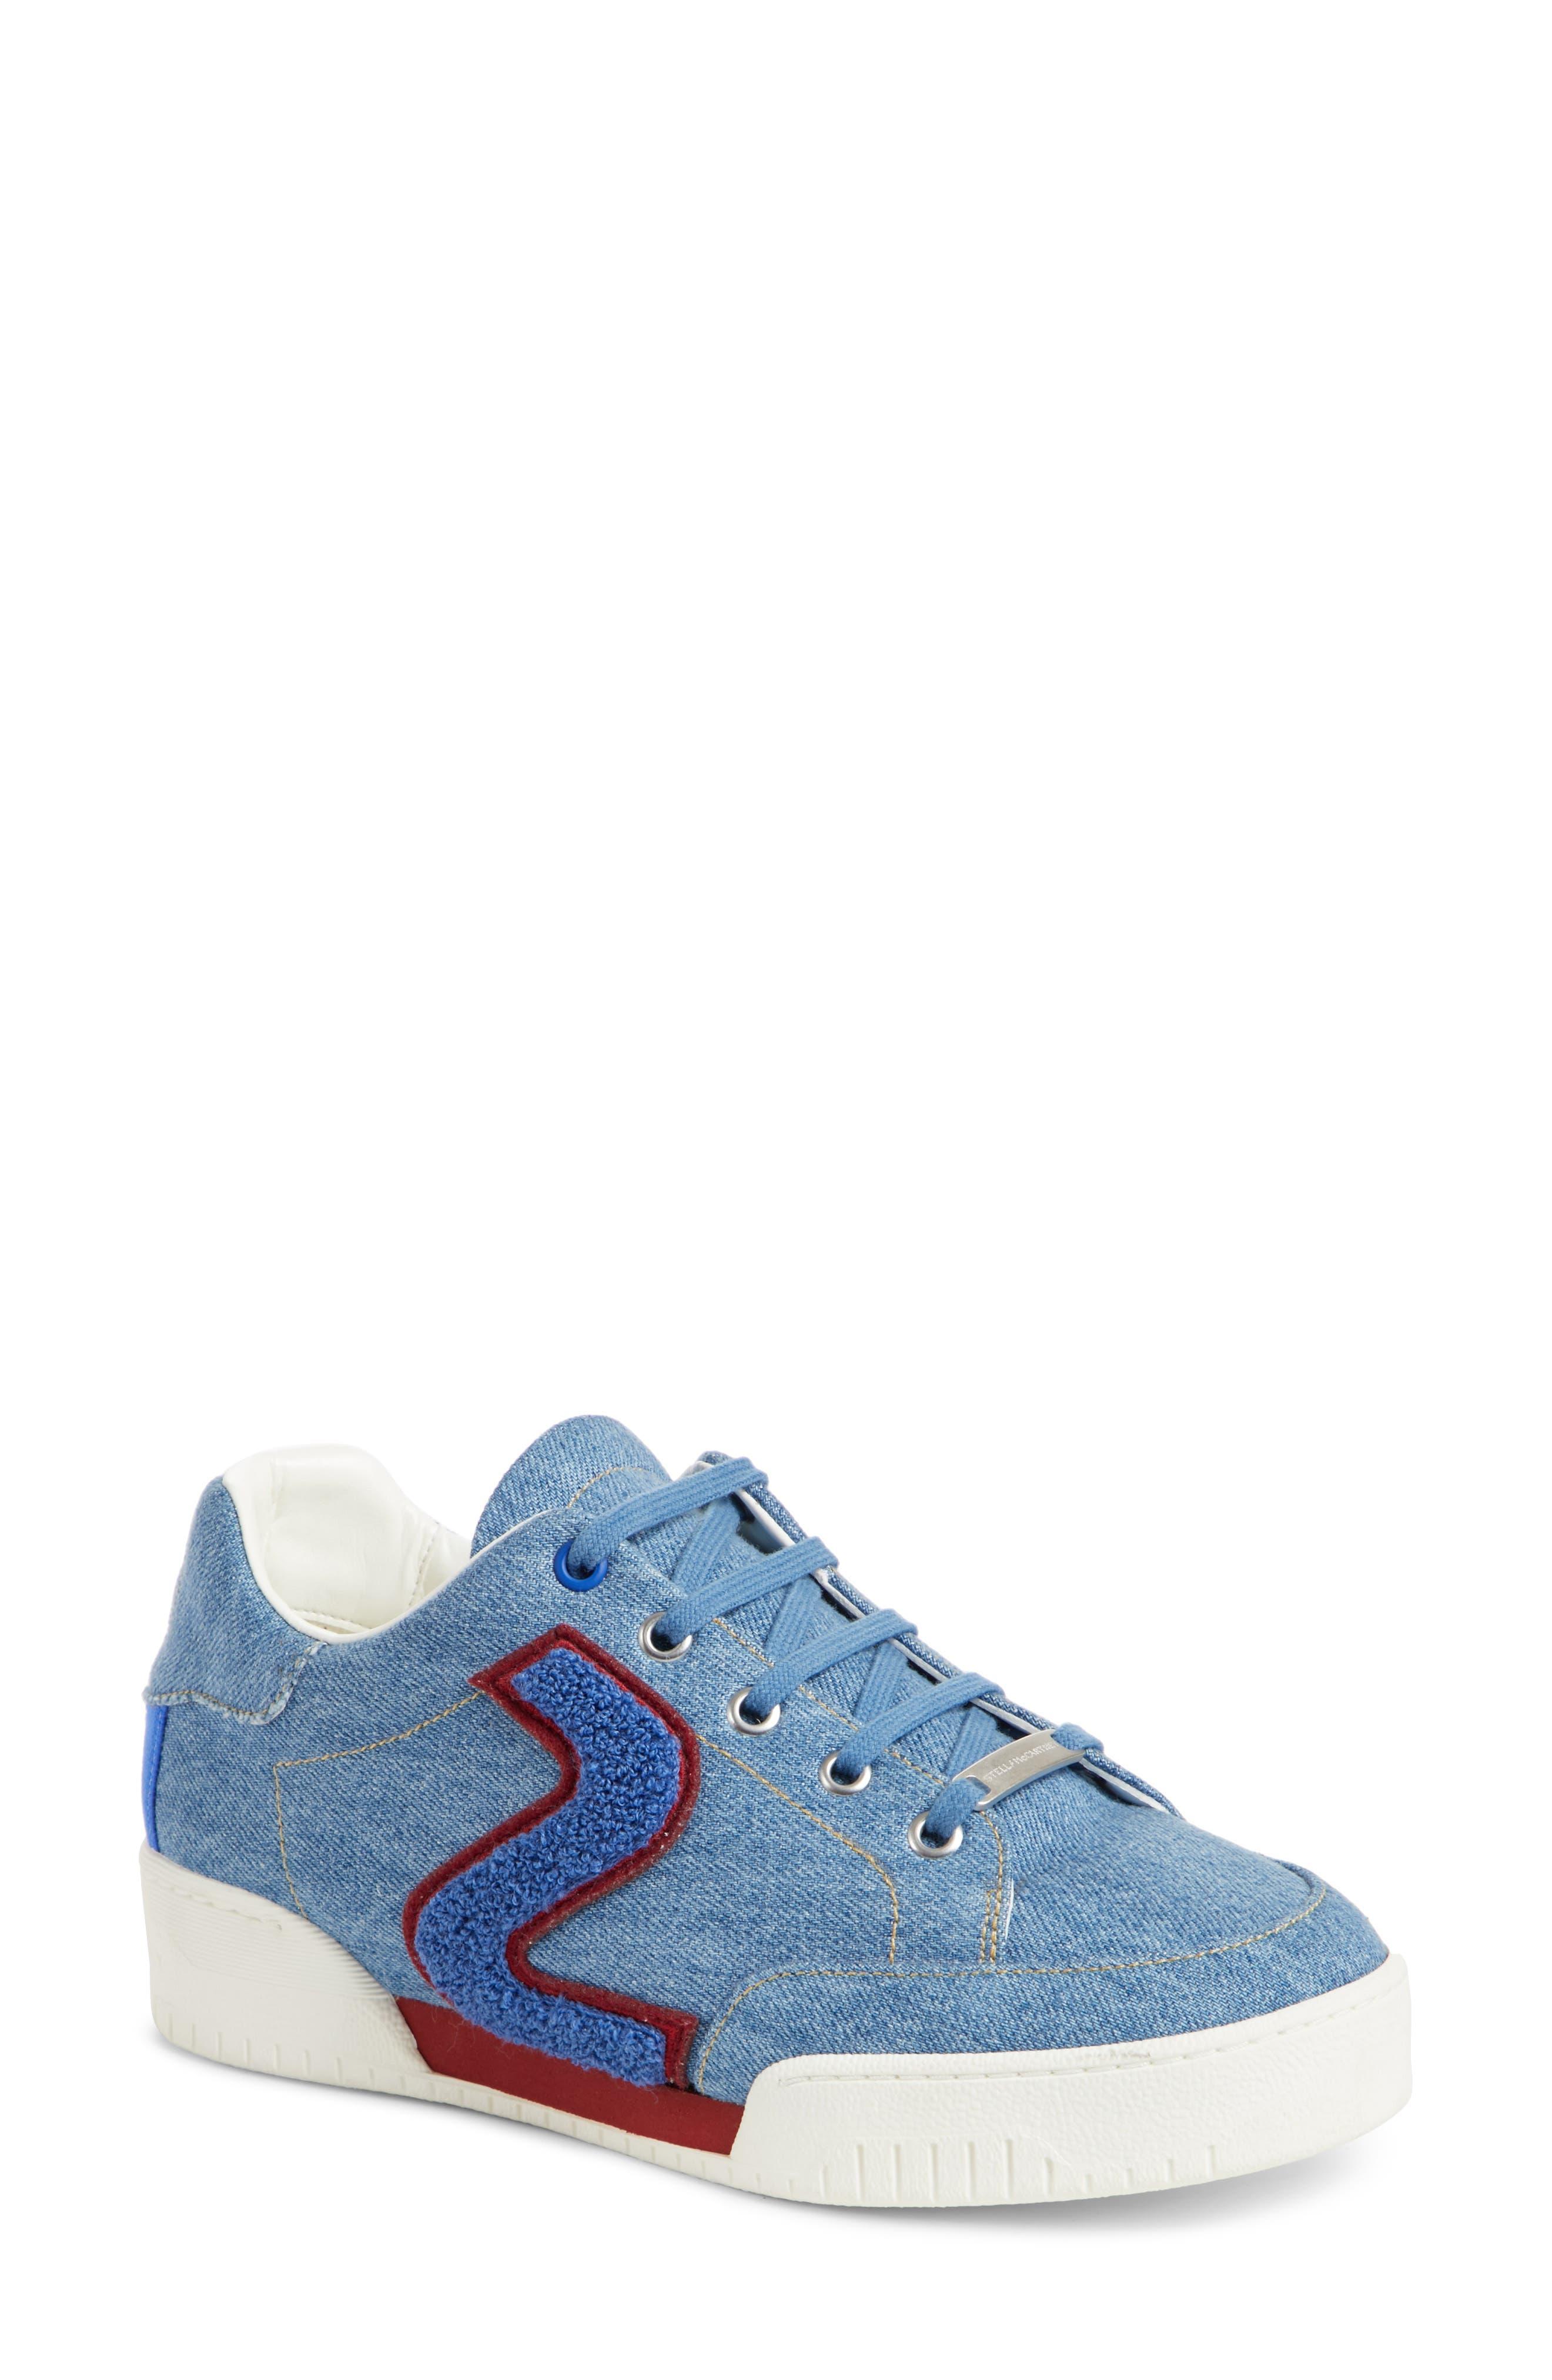 Low Top Sneaker,                             Main thumbnail 1, color,